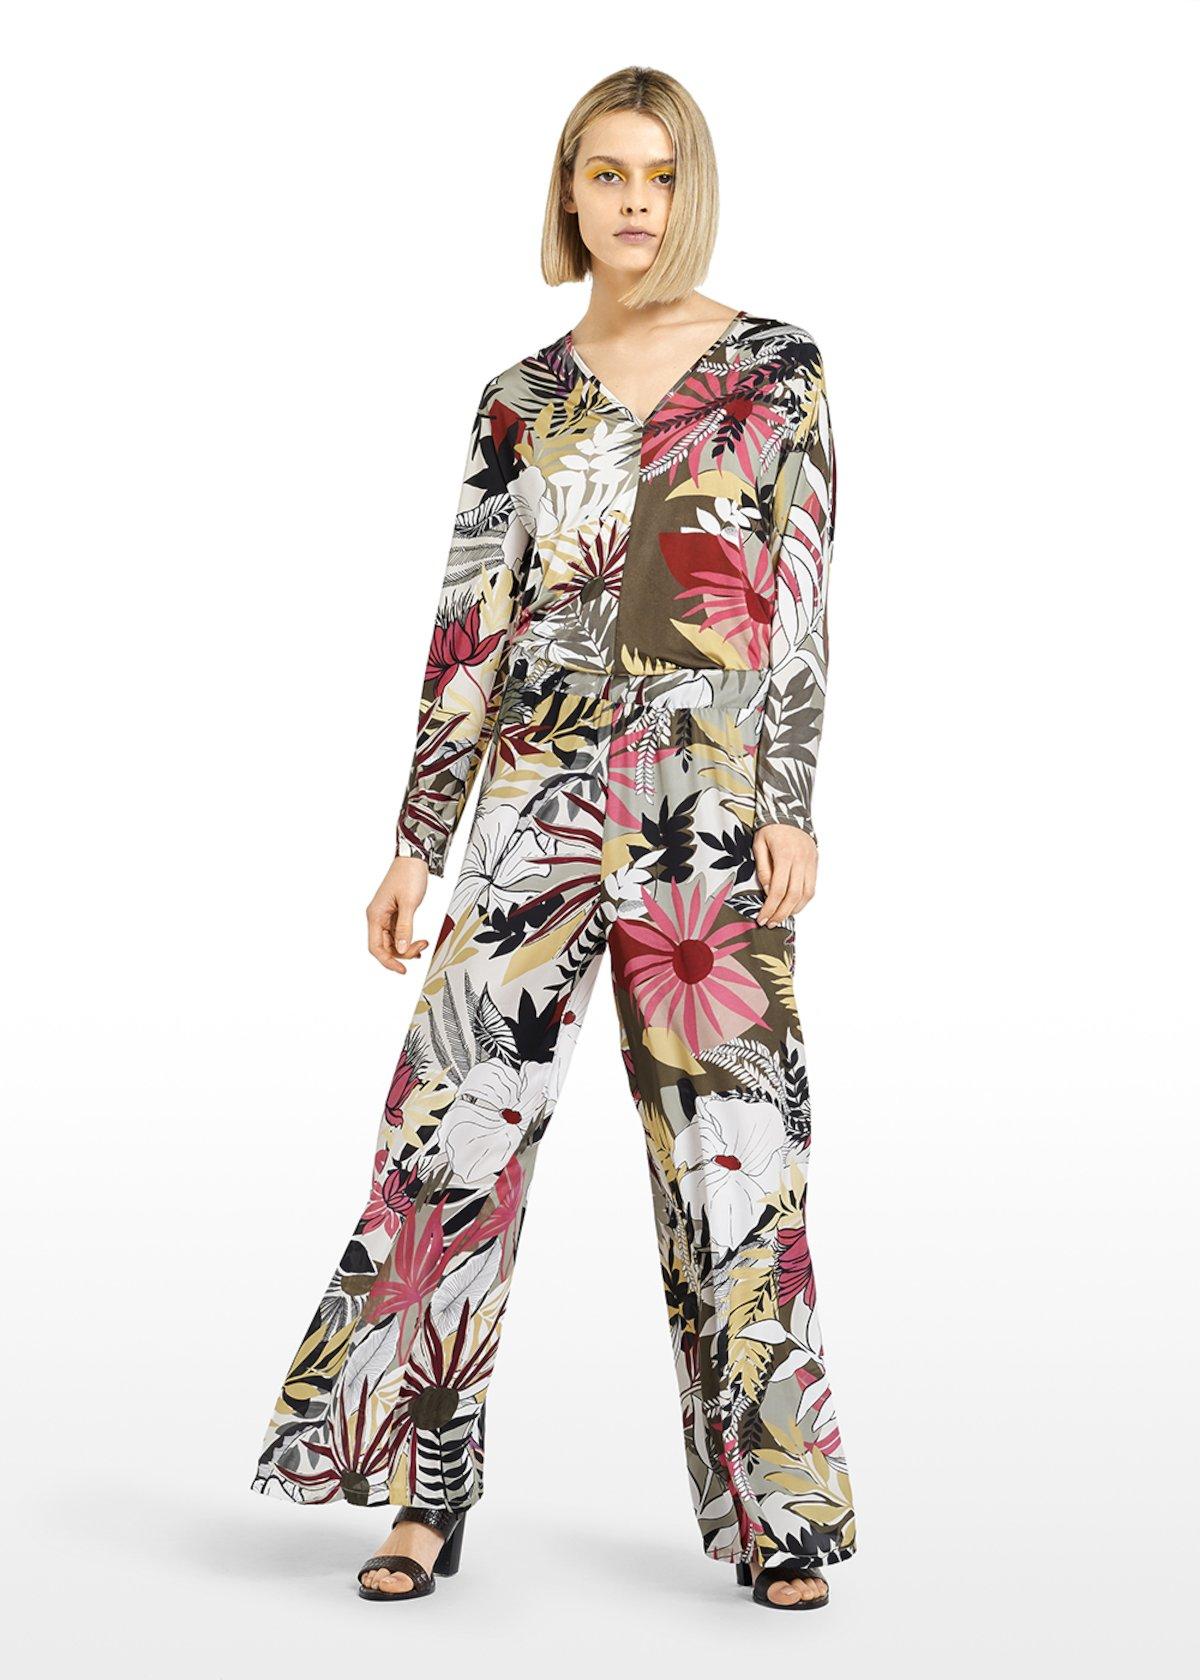 Pantaloni Primero Bali print con elastico in vita - Alga / White Fantasia - Donna